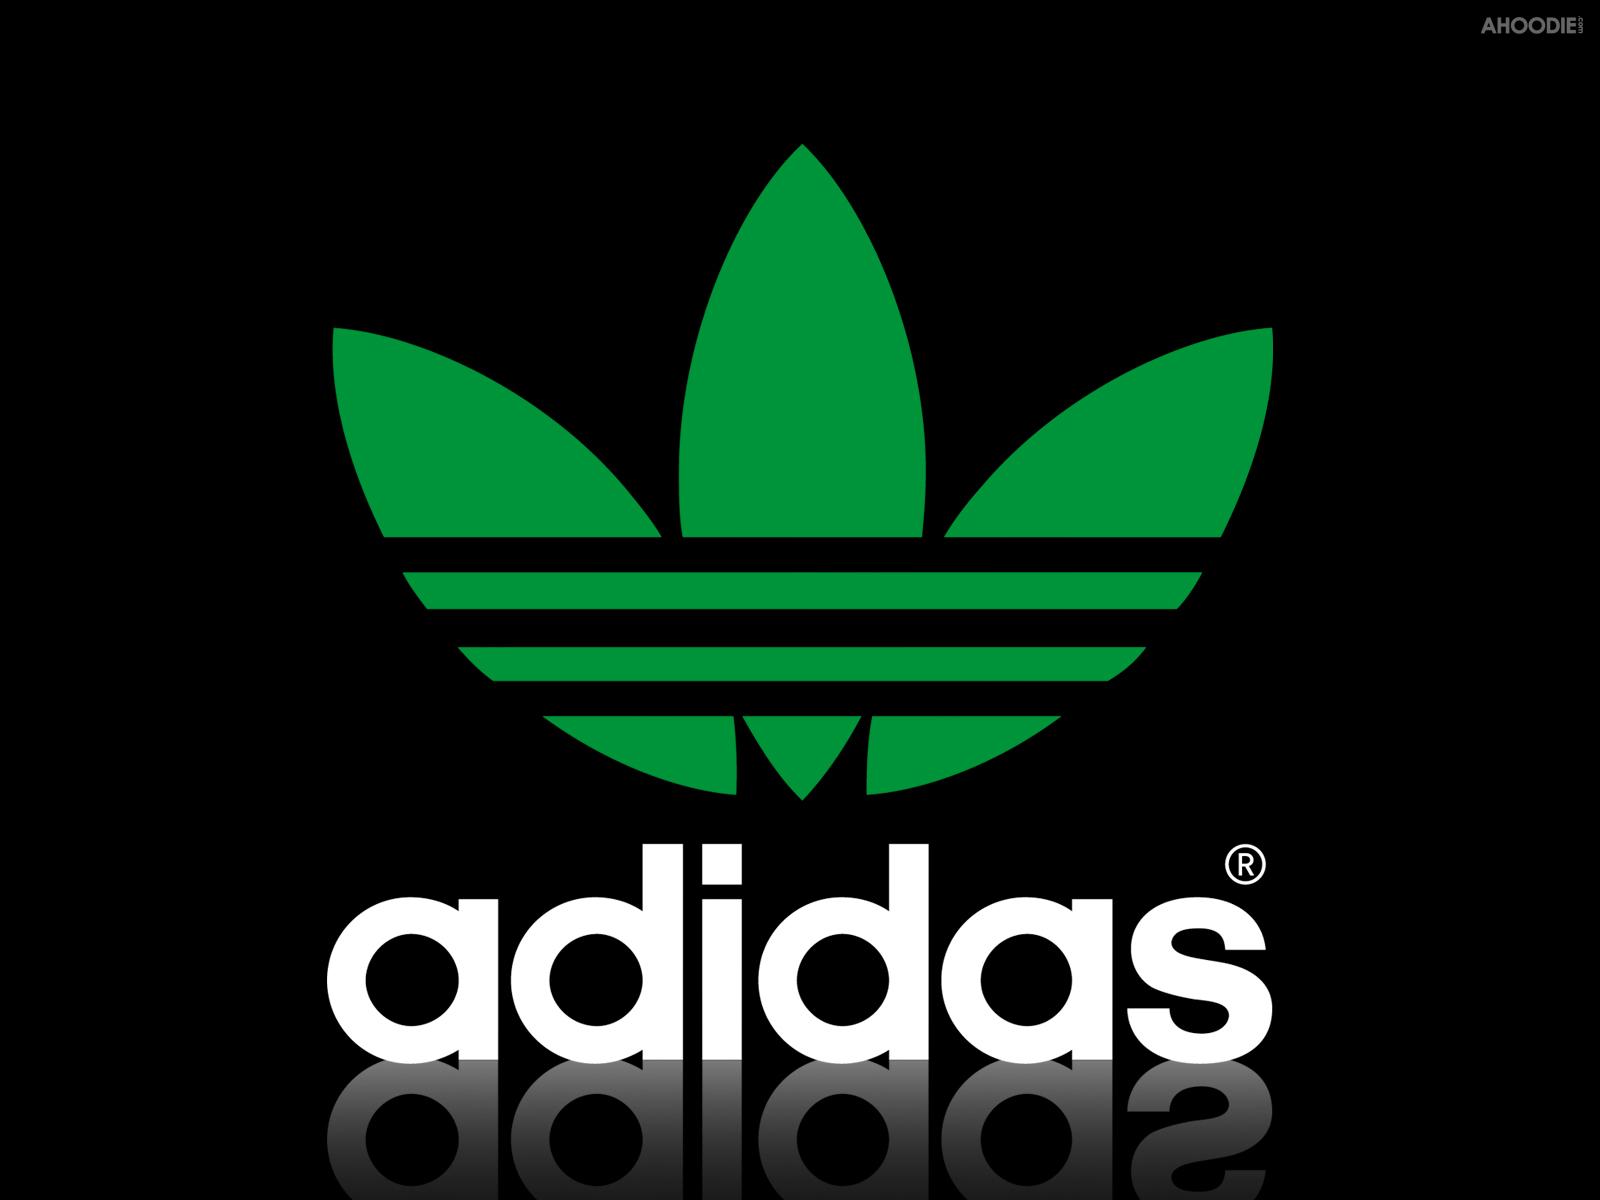 Adidas Plaatjes en Animatie GIFs » Animaatjes.nl